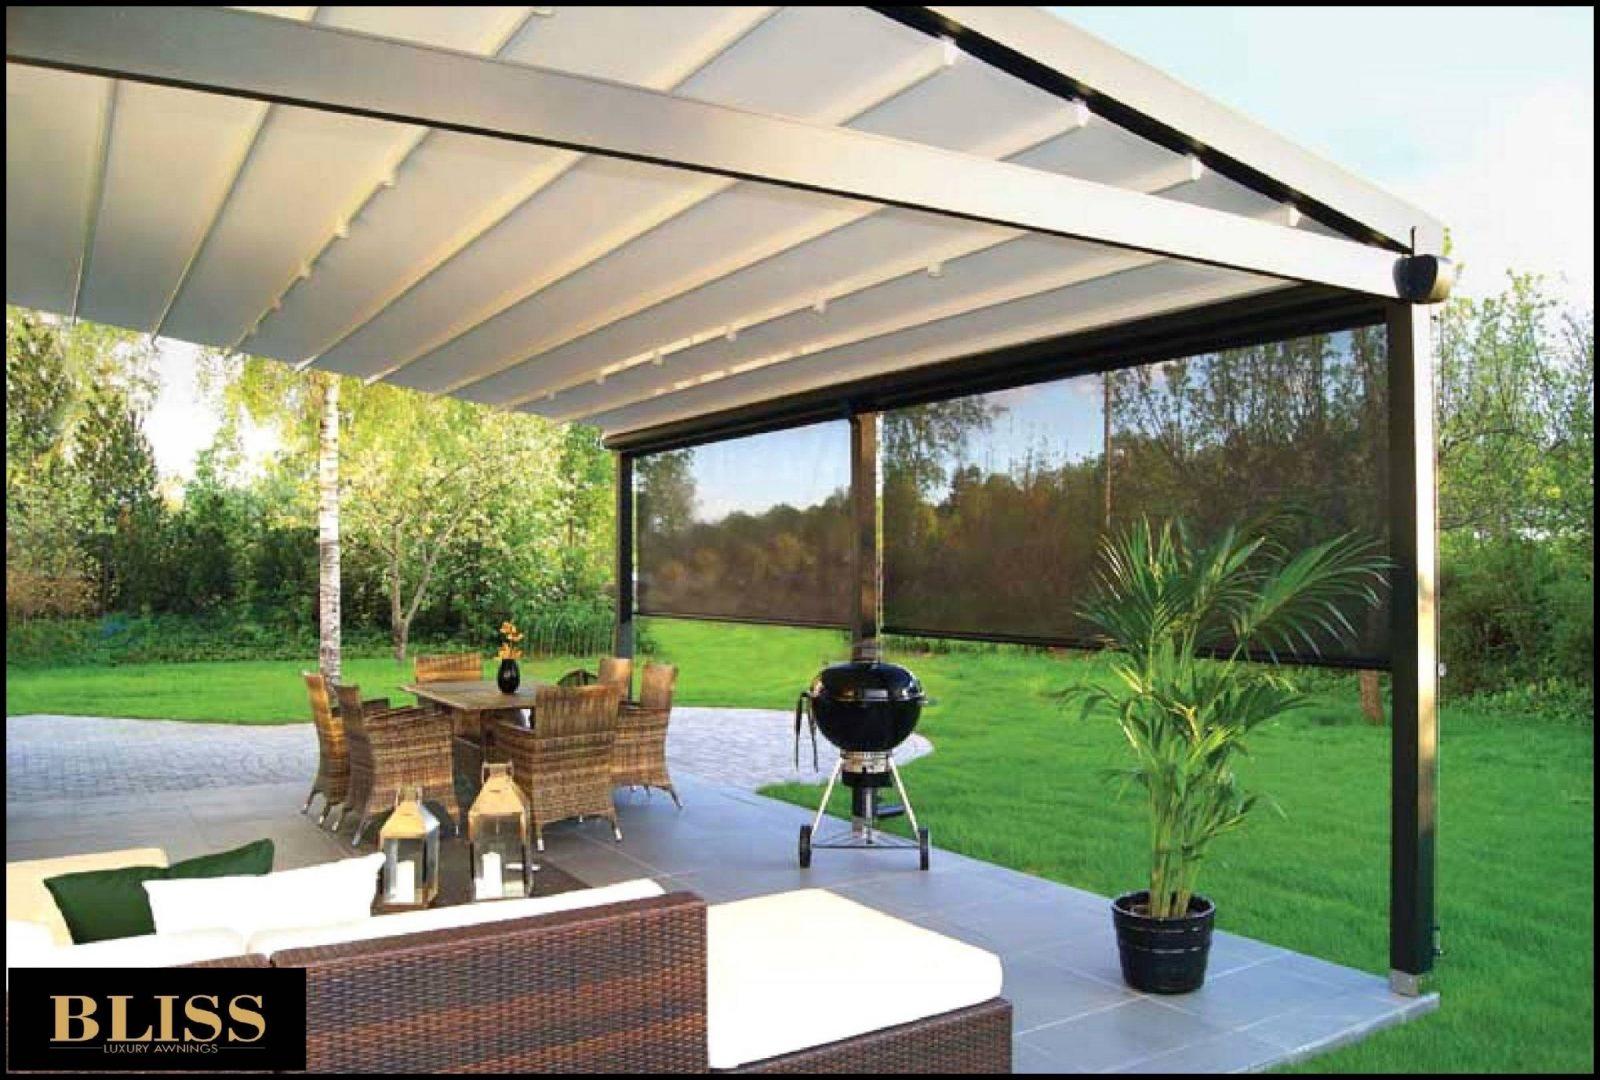 50 Tolle Zum Pergola Selber Bauen Holz Planen von Pergola Selber Bauen Terrasse Bild